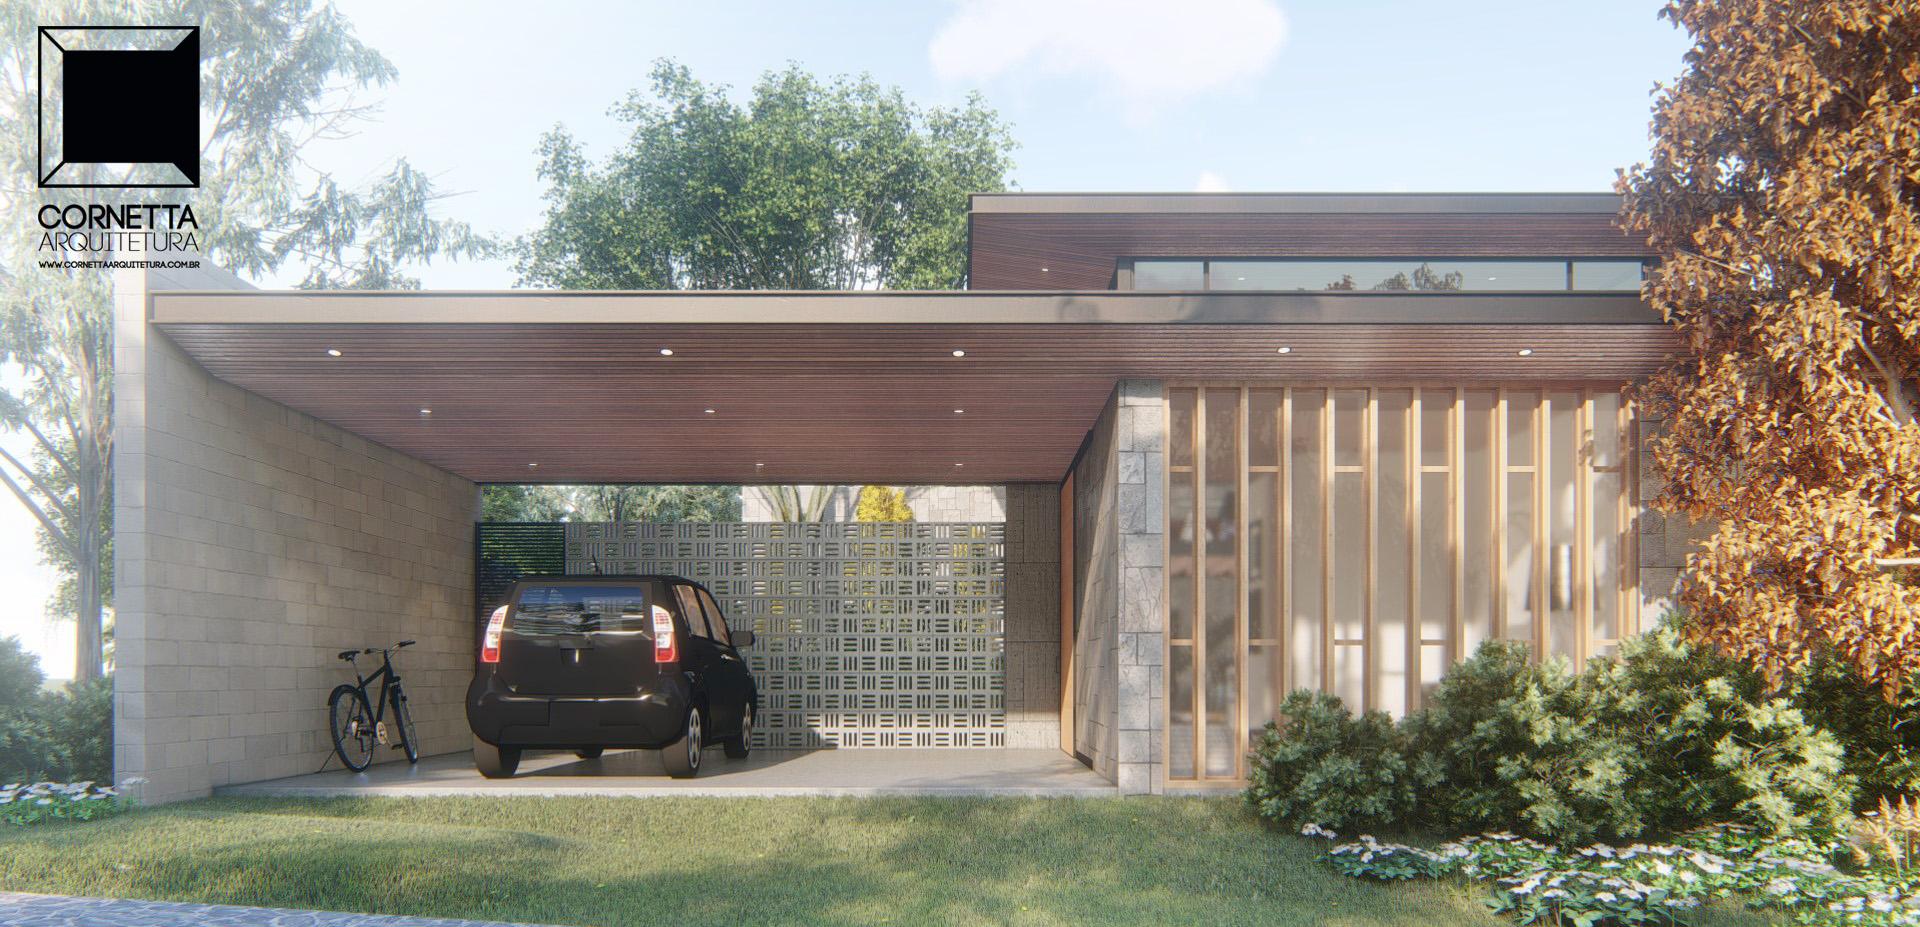 Casa stuart concreto pedra estrutura met lica e madeira for Fachadas de casas quintas modernas